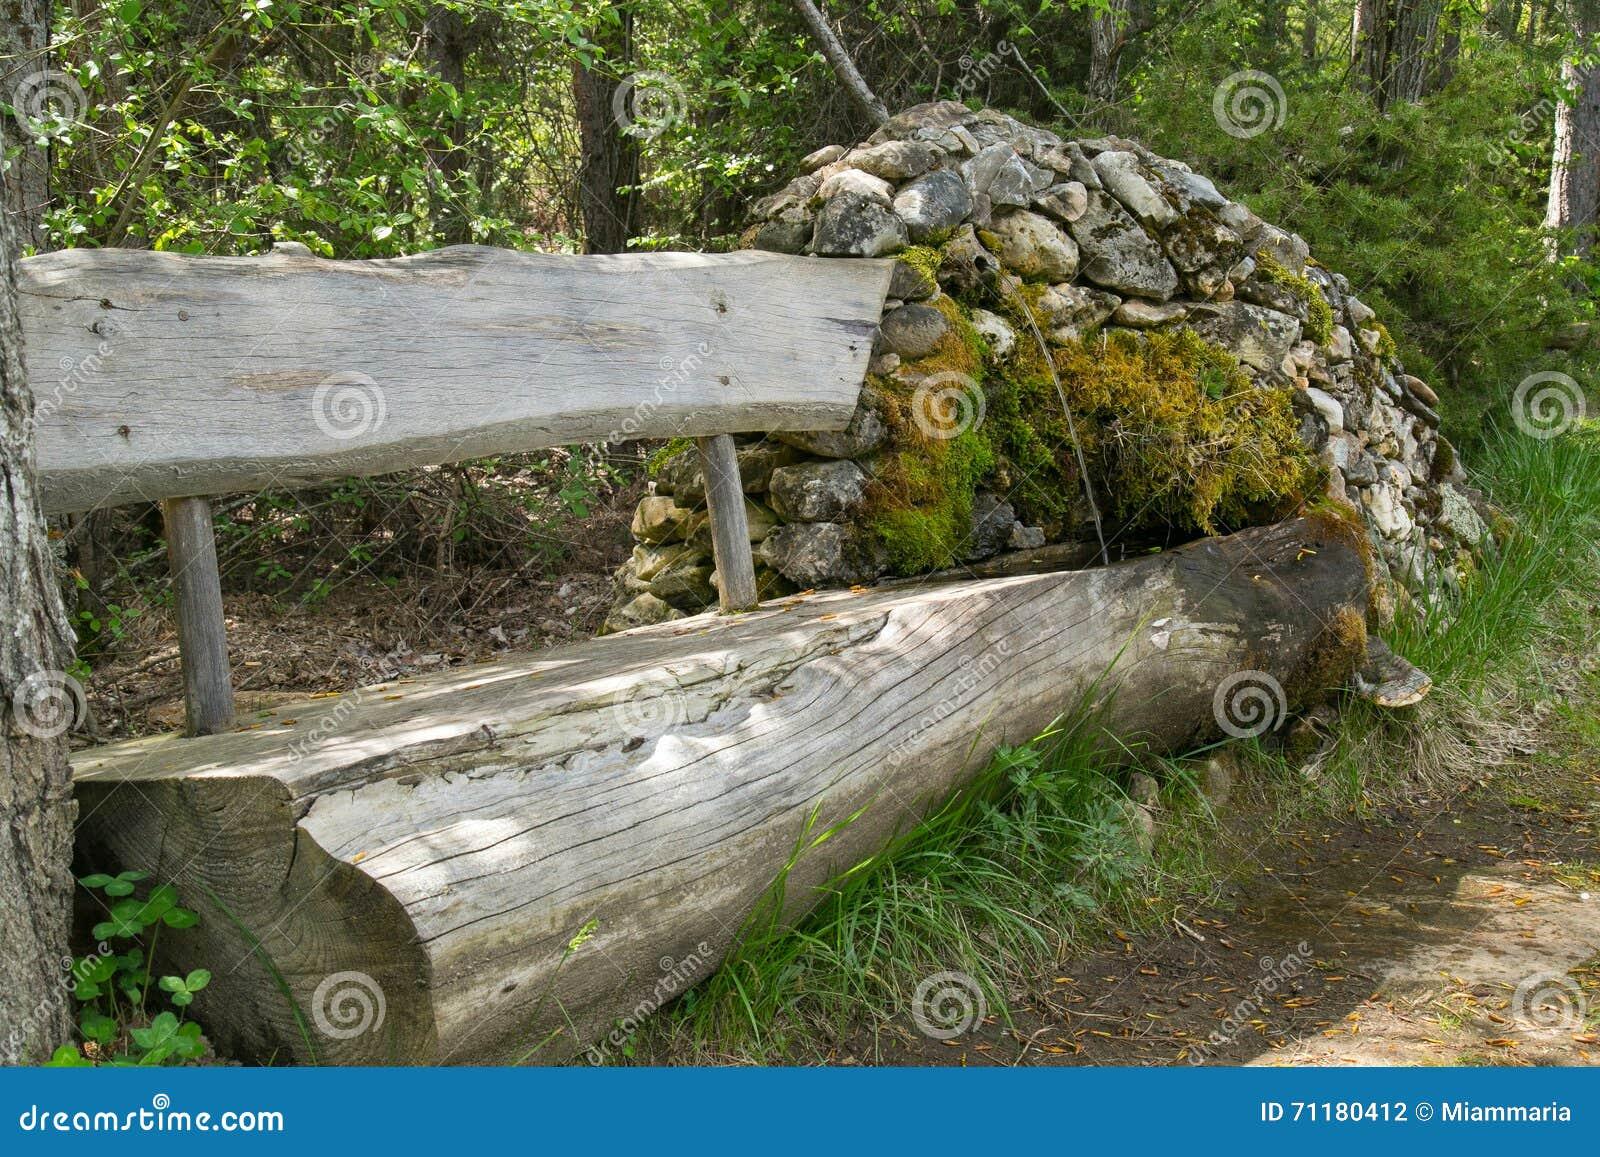 banc en bois et une fontaine en pierre photo stock image. Black Bedroom Furniture Sets. Home Design Ideas